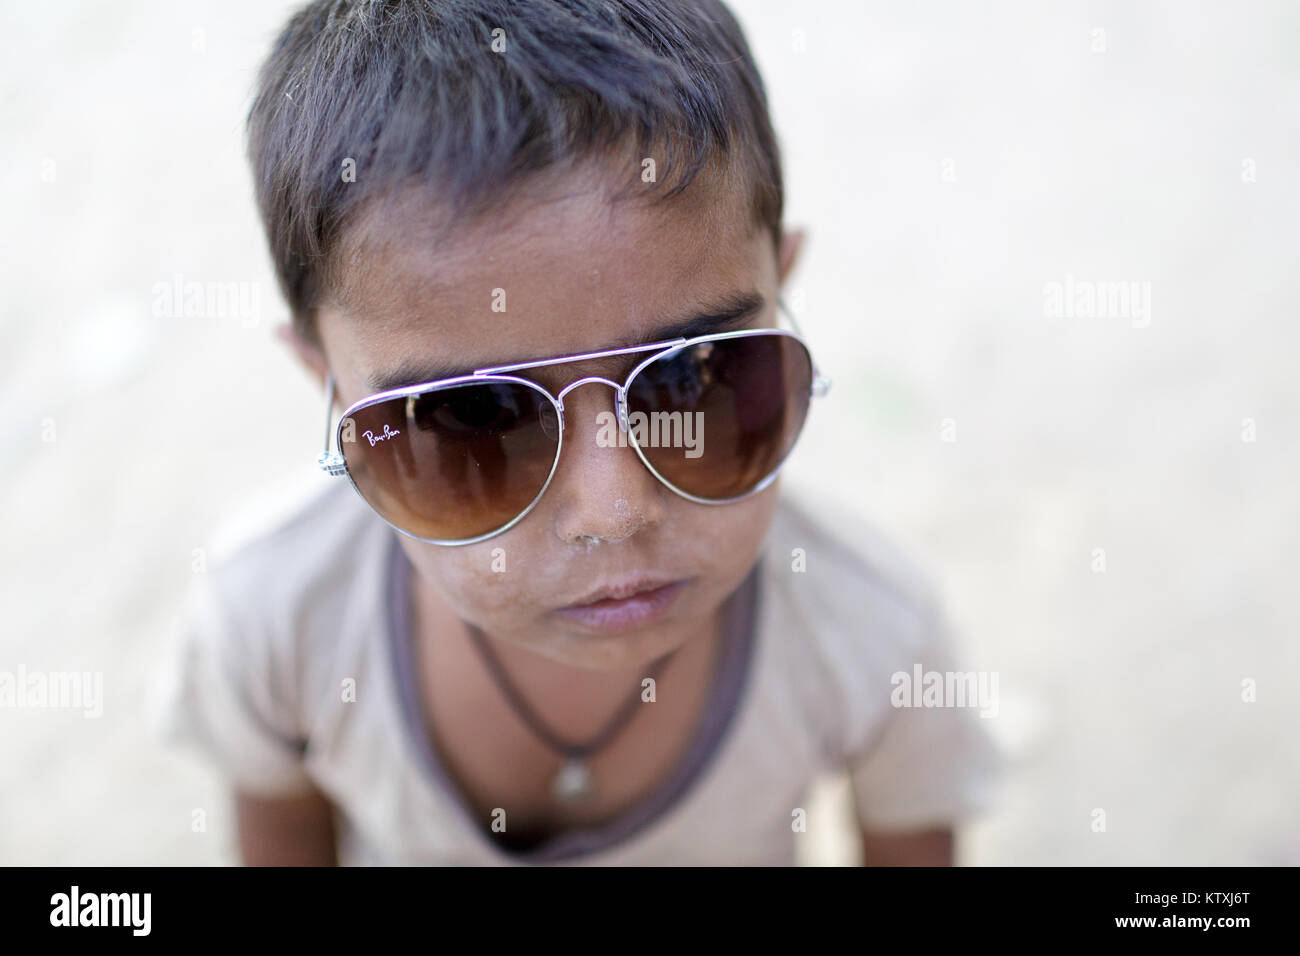 Enormes Cerca Niño SolAldea Gafas Pequeño Indio Llevaba Unas De HEW2D9IY